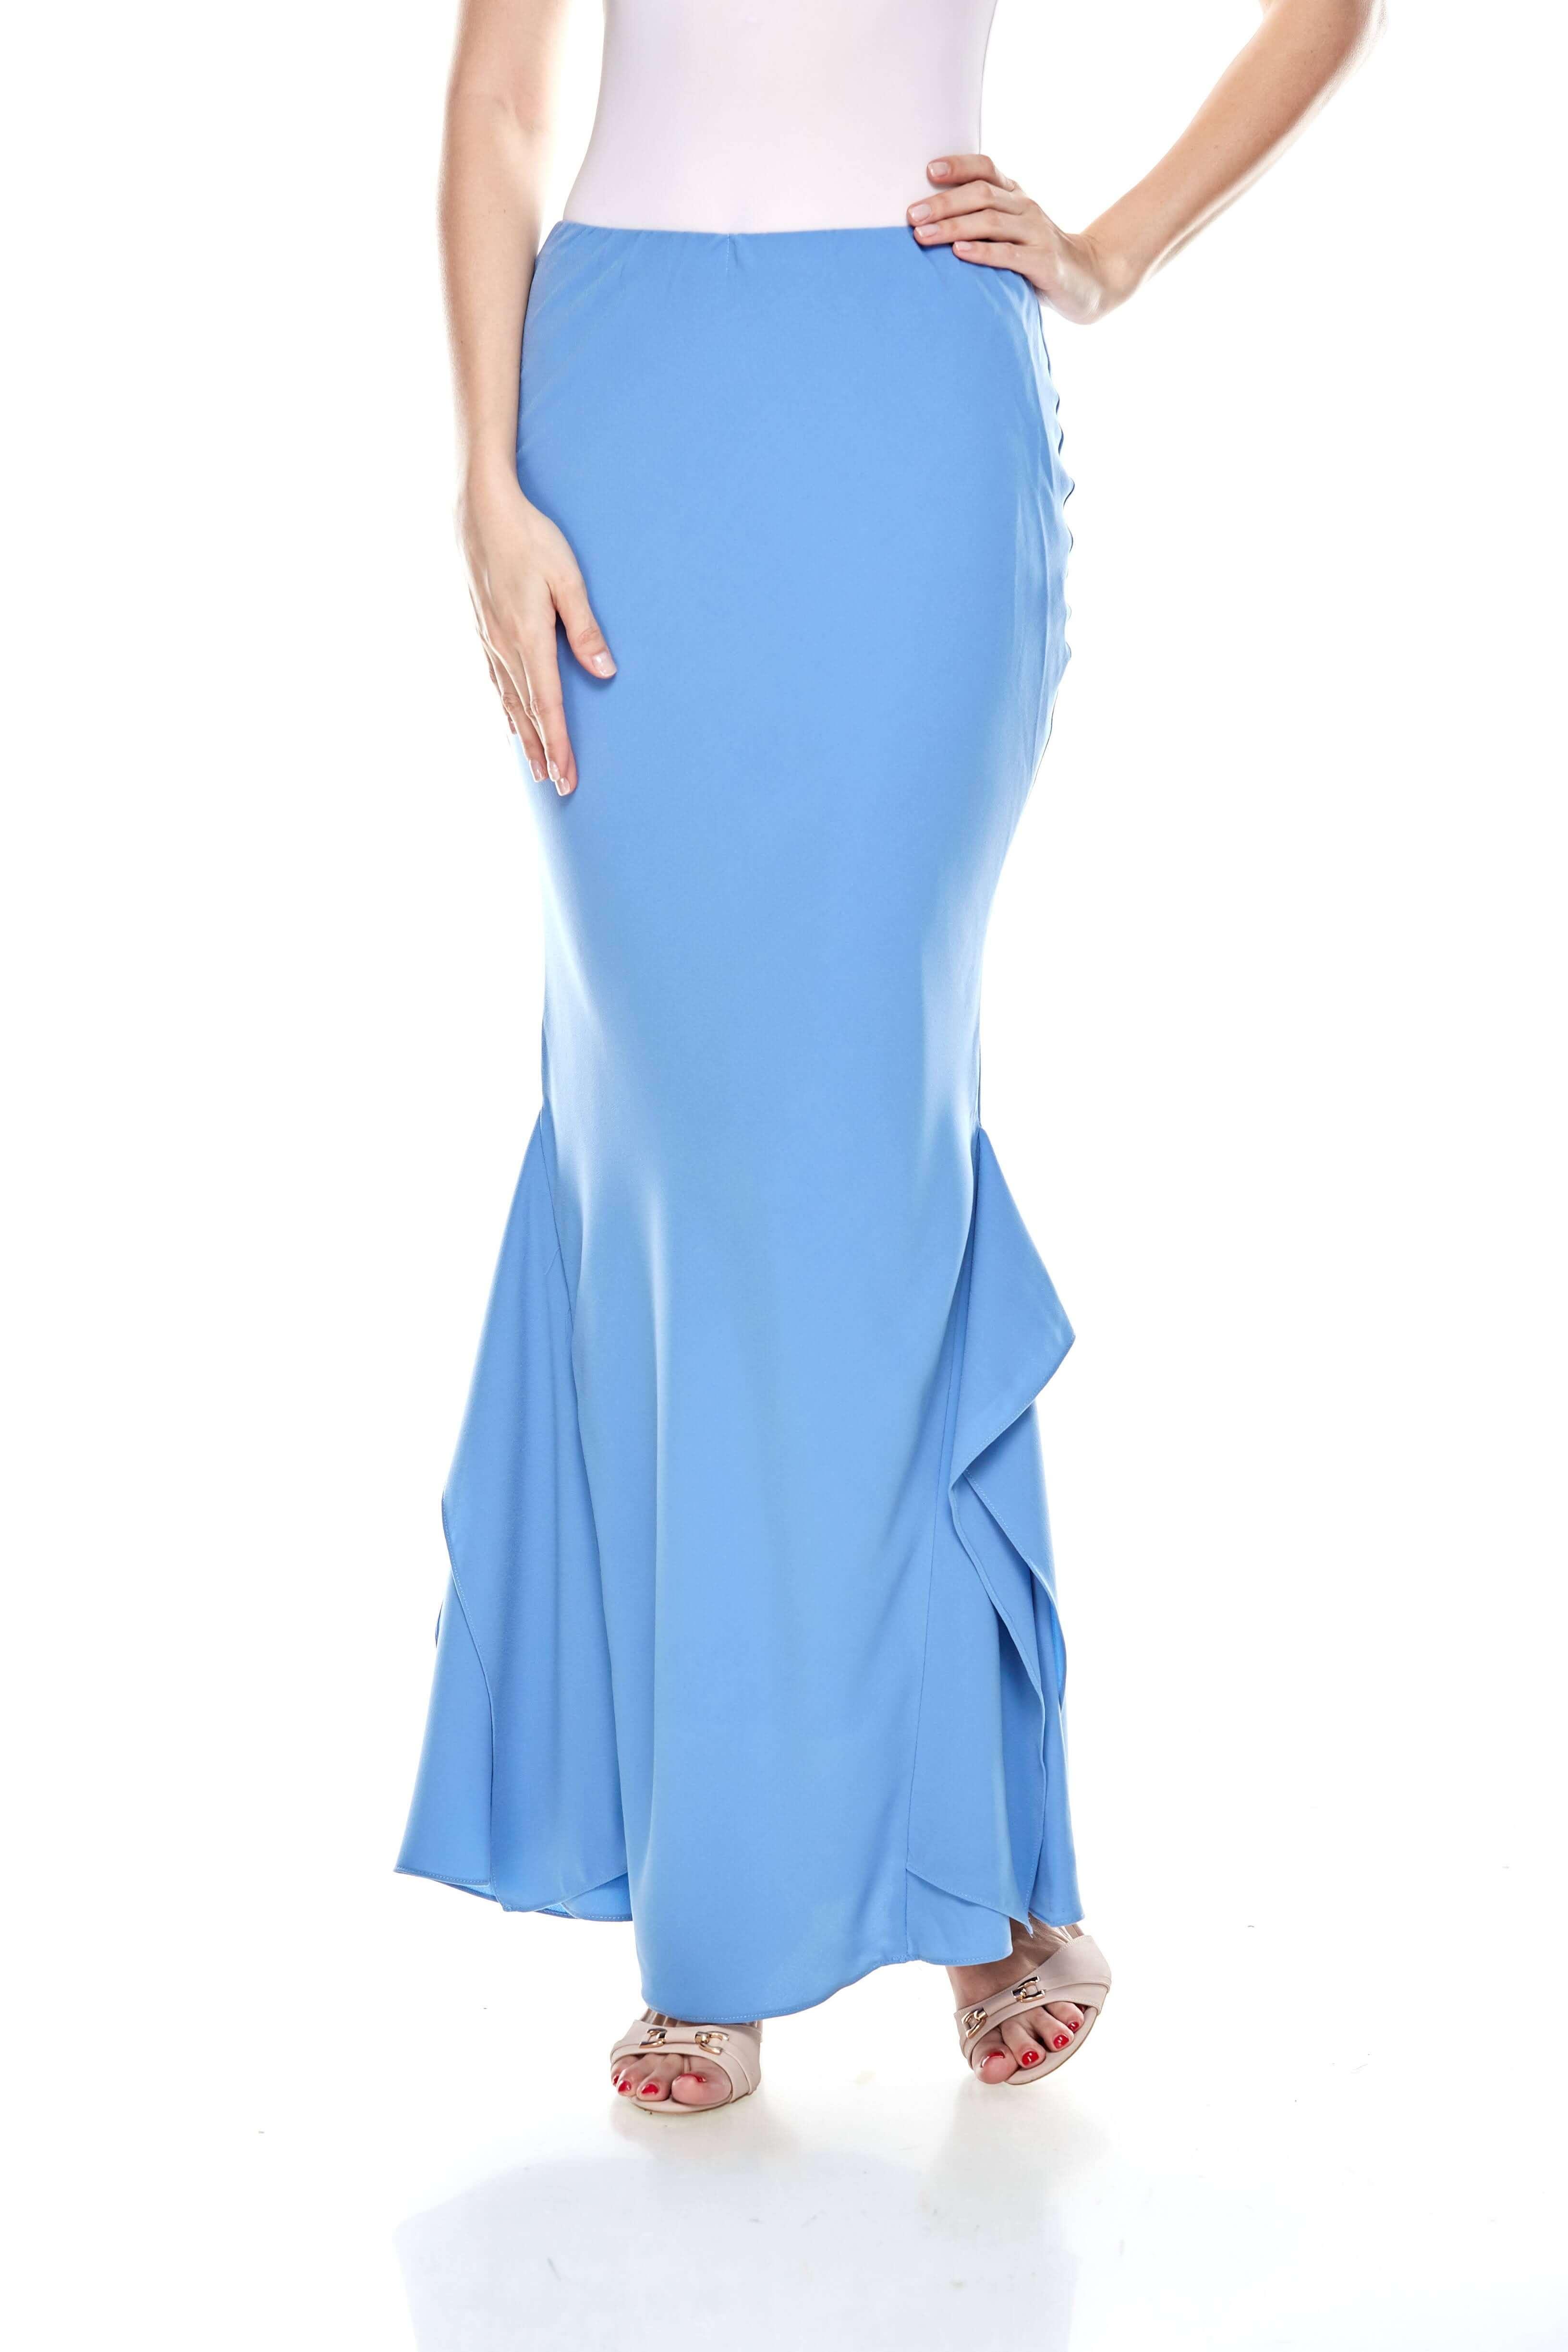 Baby Blue Ruffle Mermaid Skirt